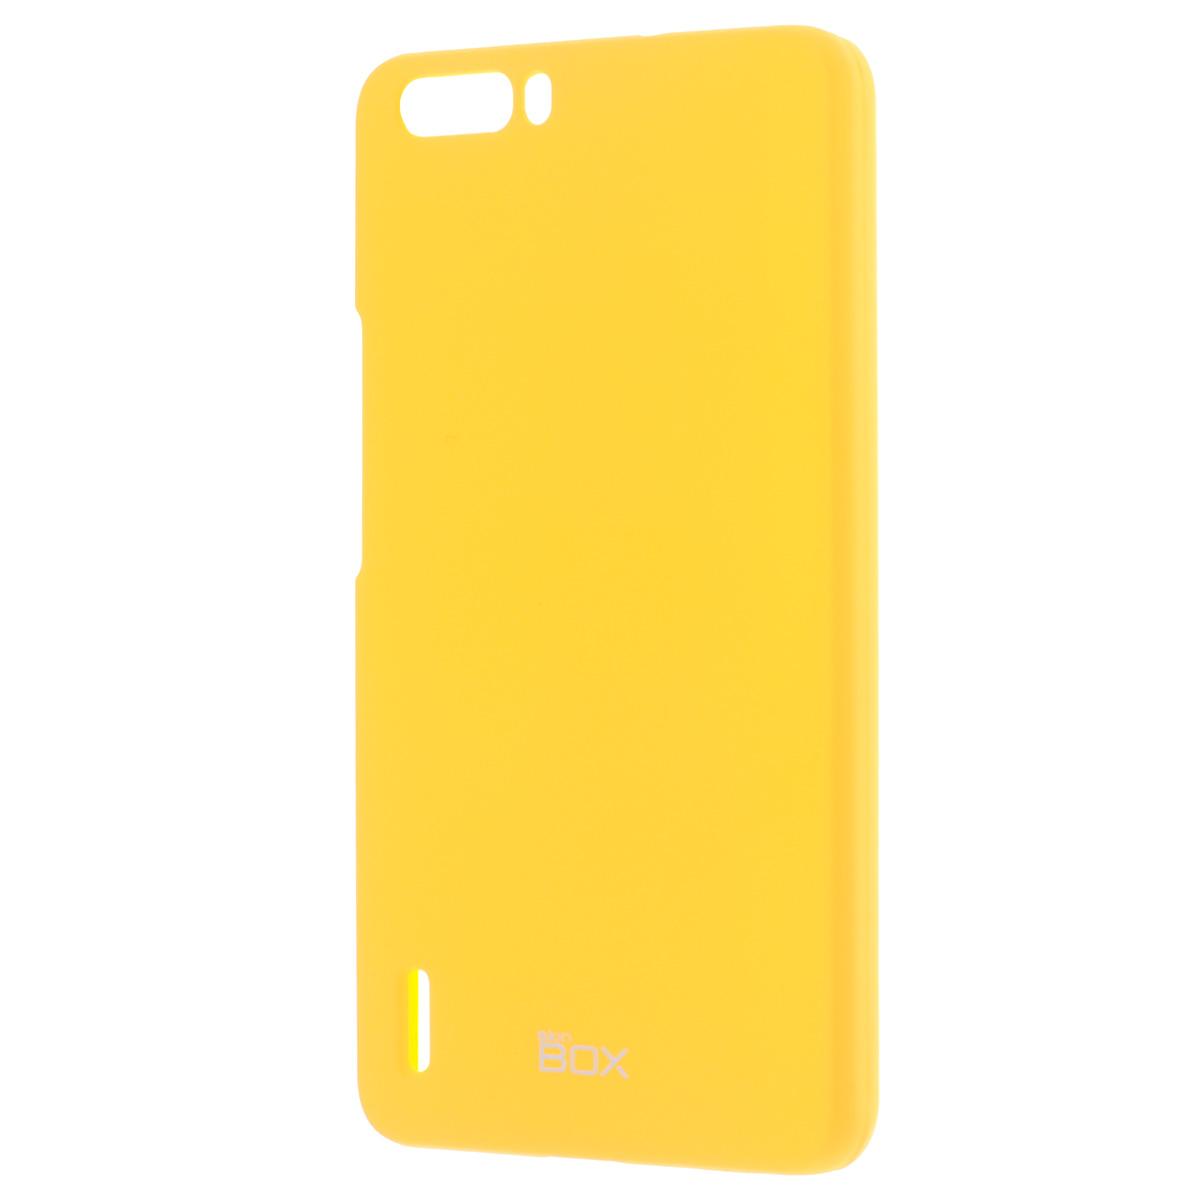 Skinbox Shield 4People чехол для Huawei Honor 6 Plus, YellowT-S-HH6P-002Накладка Skinbox Shield 4People для Huawei Honor 6 Plus обеспечивает амортизацию удара при непредвиденном падении устройства, а также защитит его от пыли, отпечатков пальцев и царапин. Обеспечивает свободный доступ ко всем разъемам и клавишам устройства.